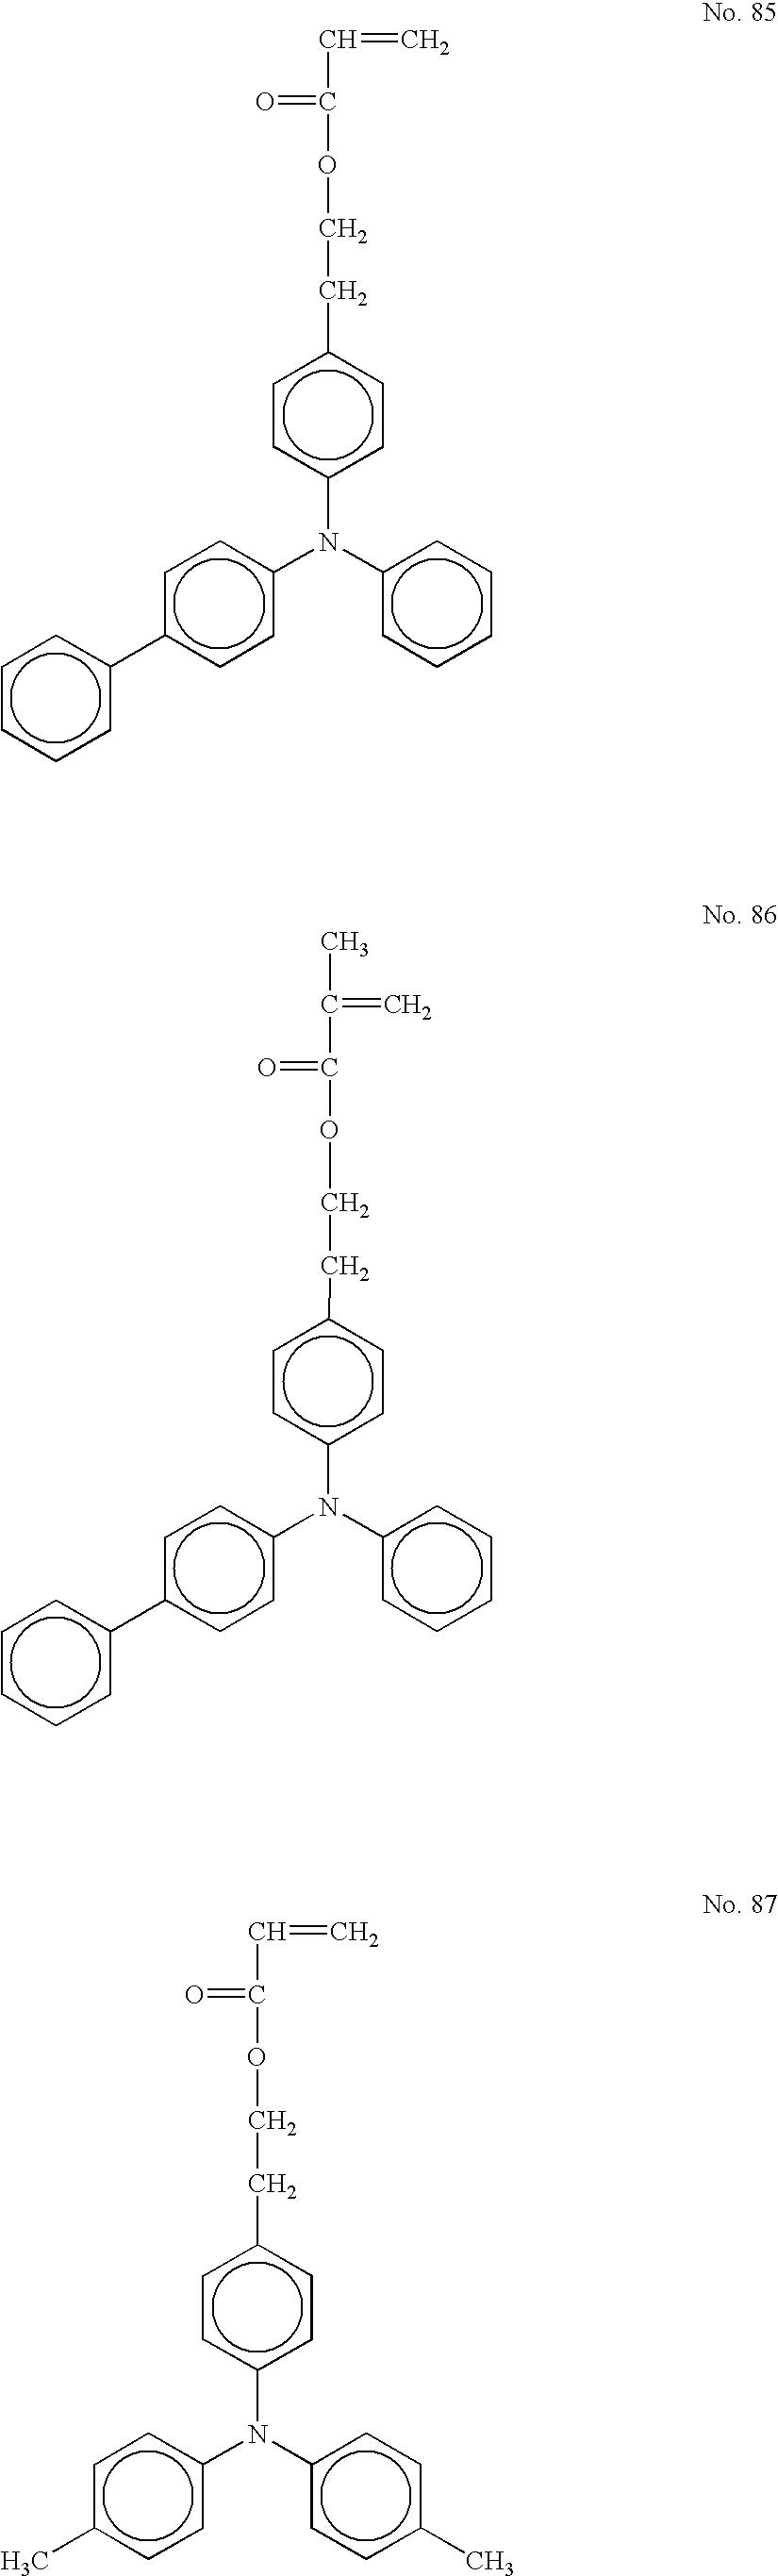 Figure US07175957-20070213-C00040